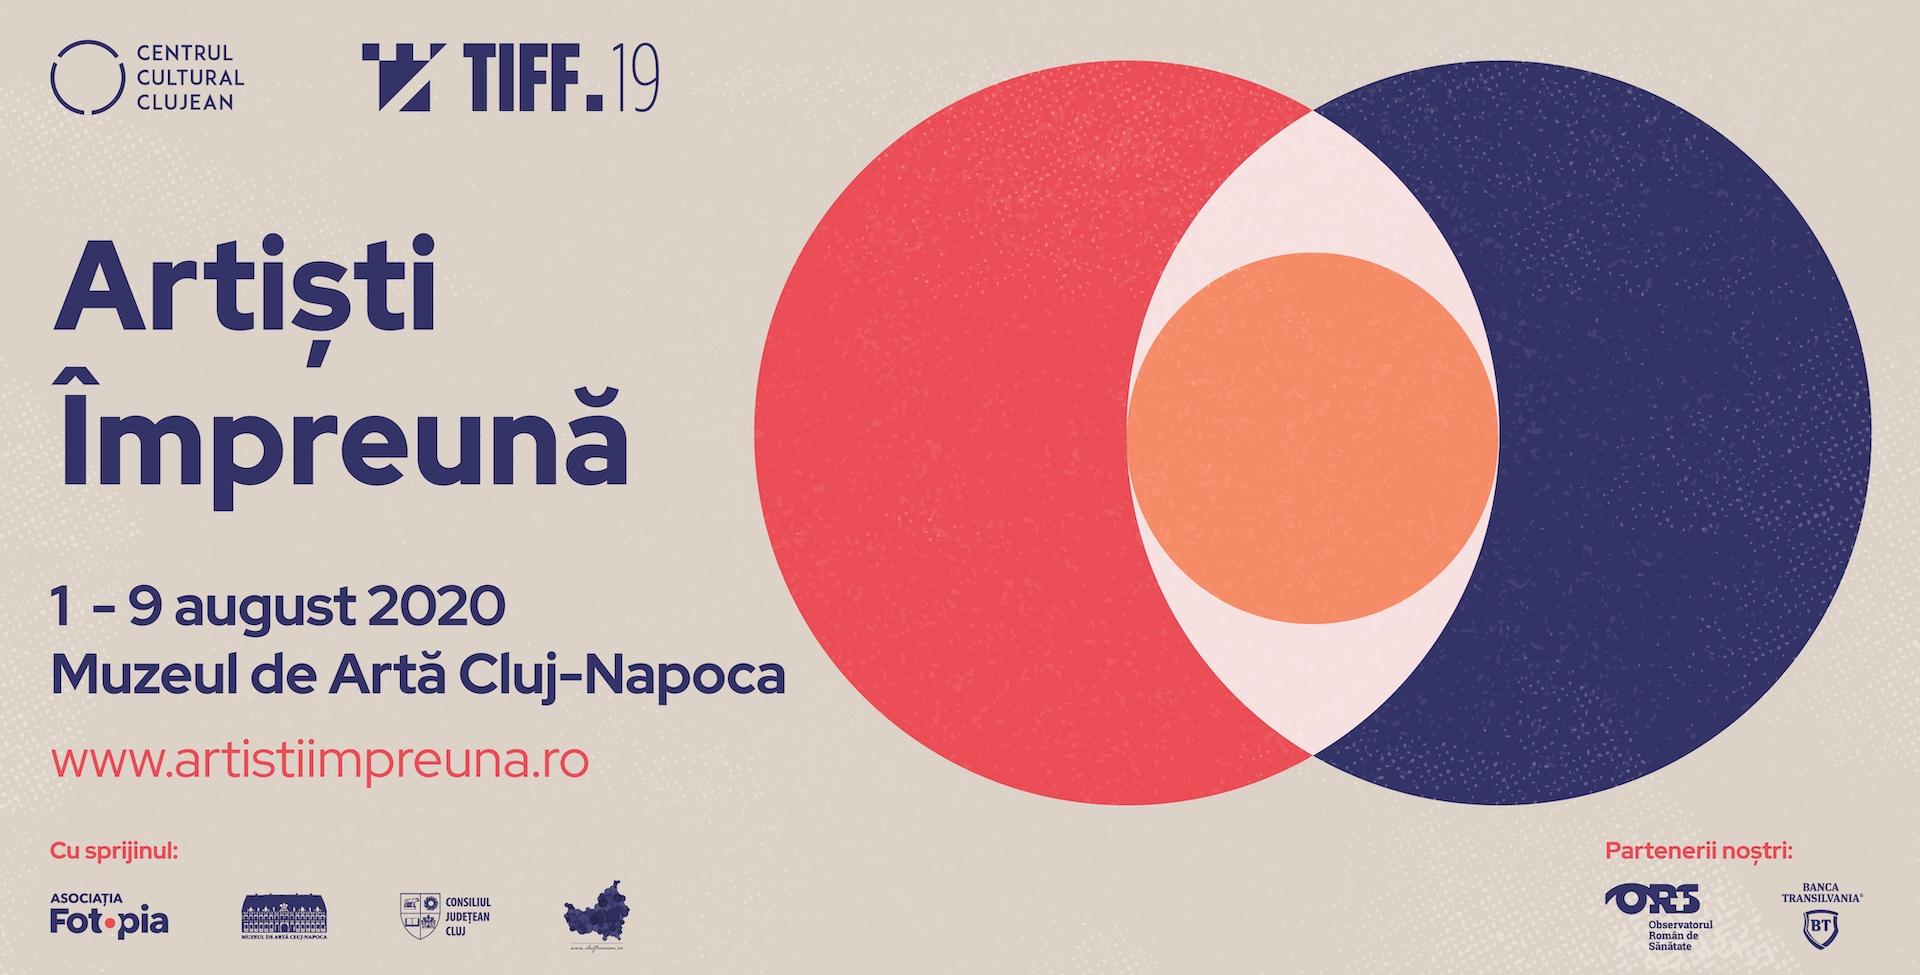 Artiști Împreună la TIFF 2020